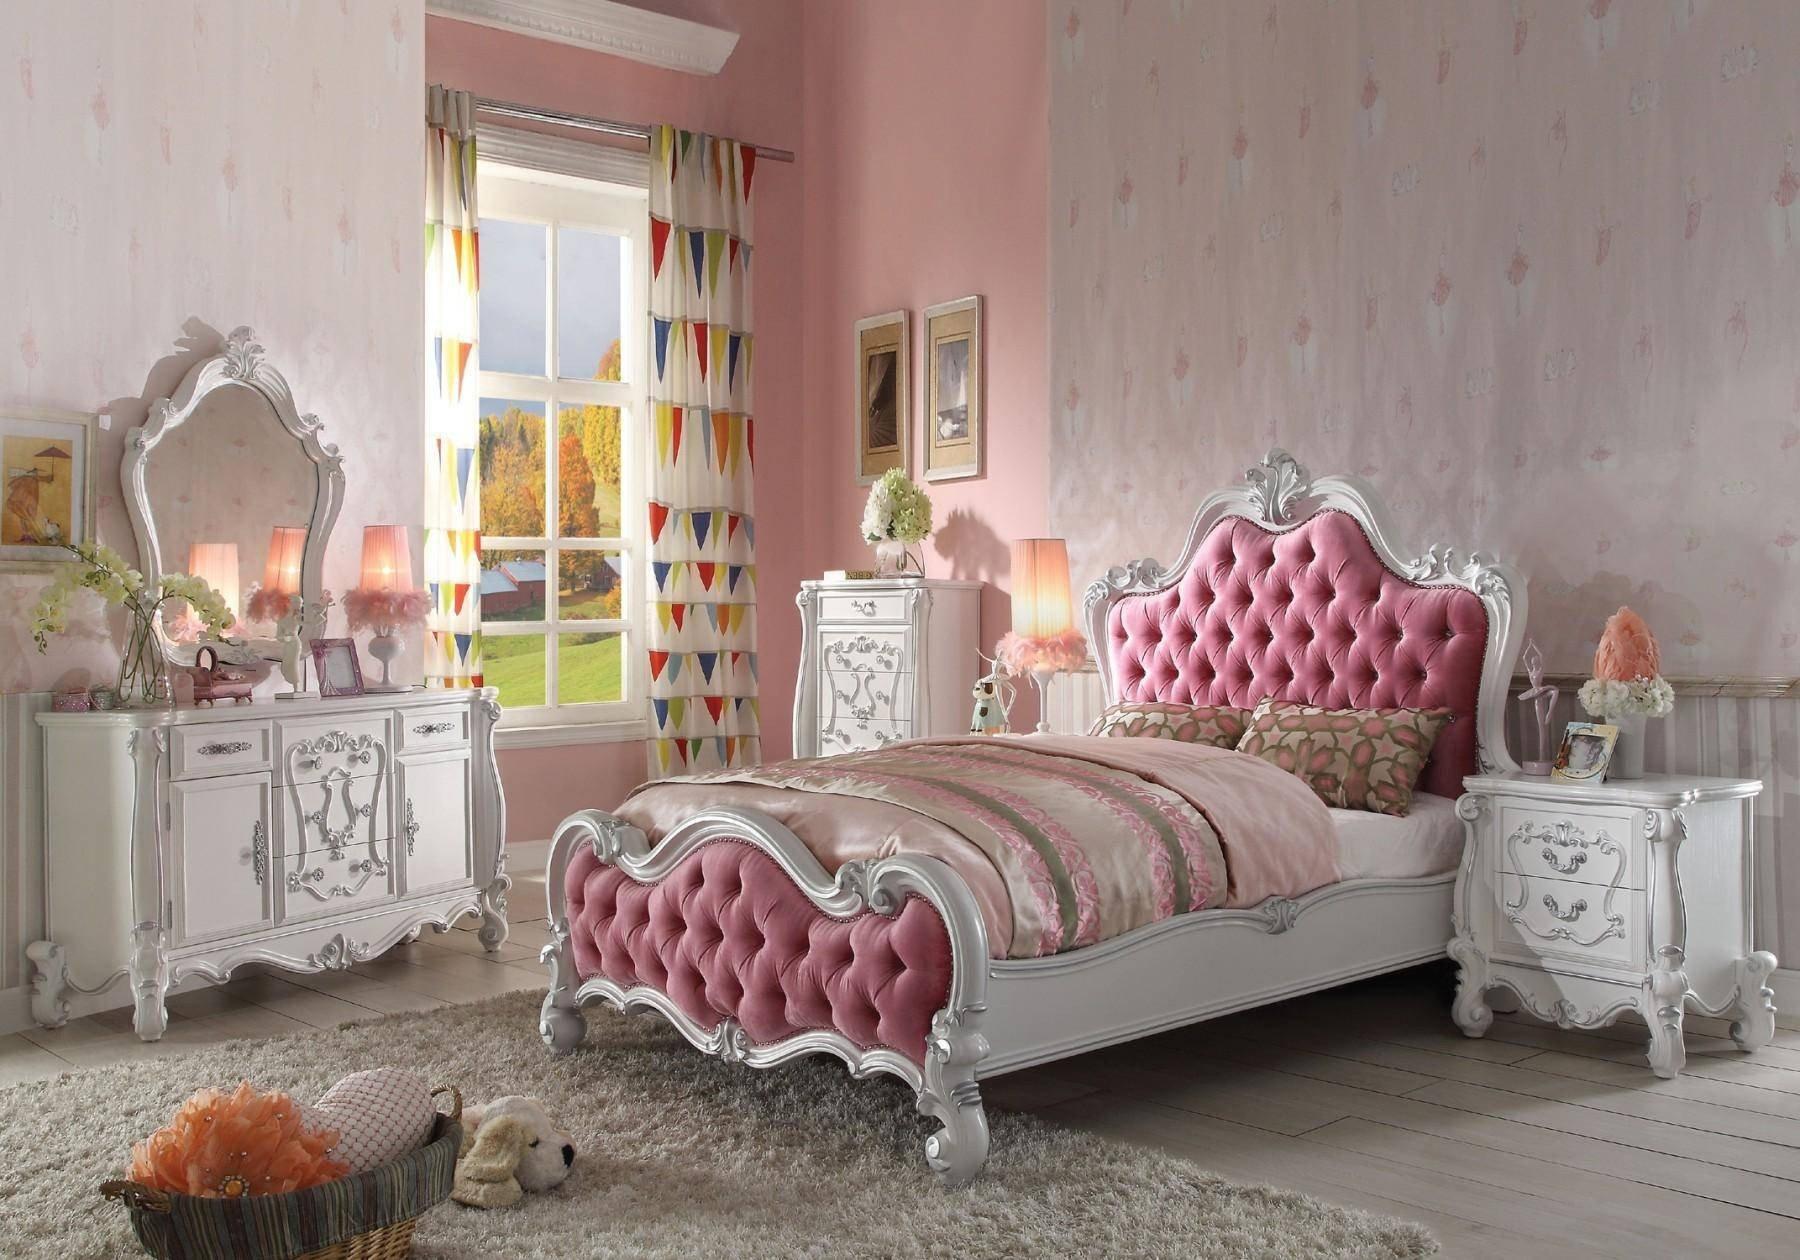 Girl Bedroom Set Full Elegant soflex Classic andria Kids Queen Bedroom Set 4pcs Antique